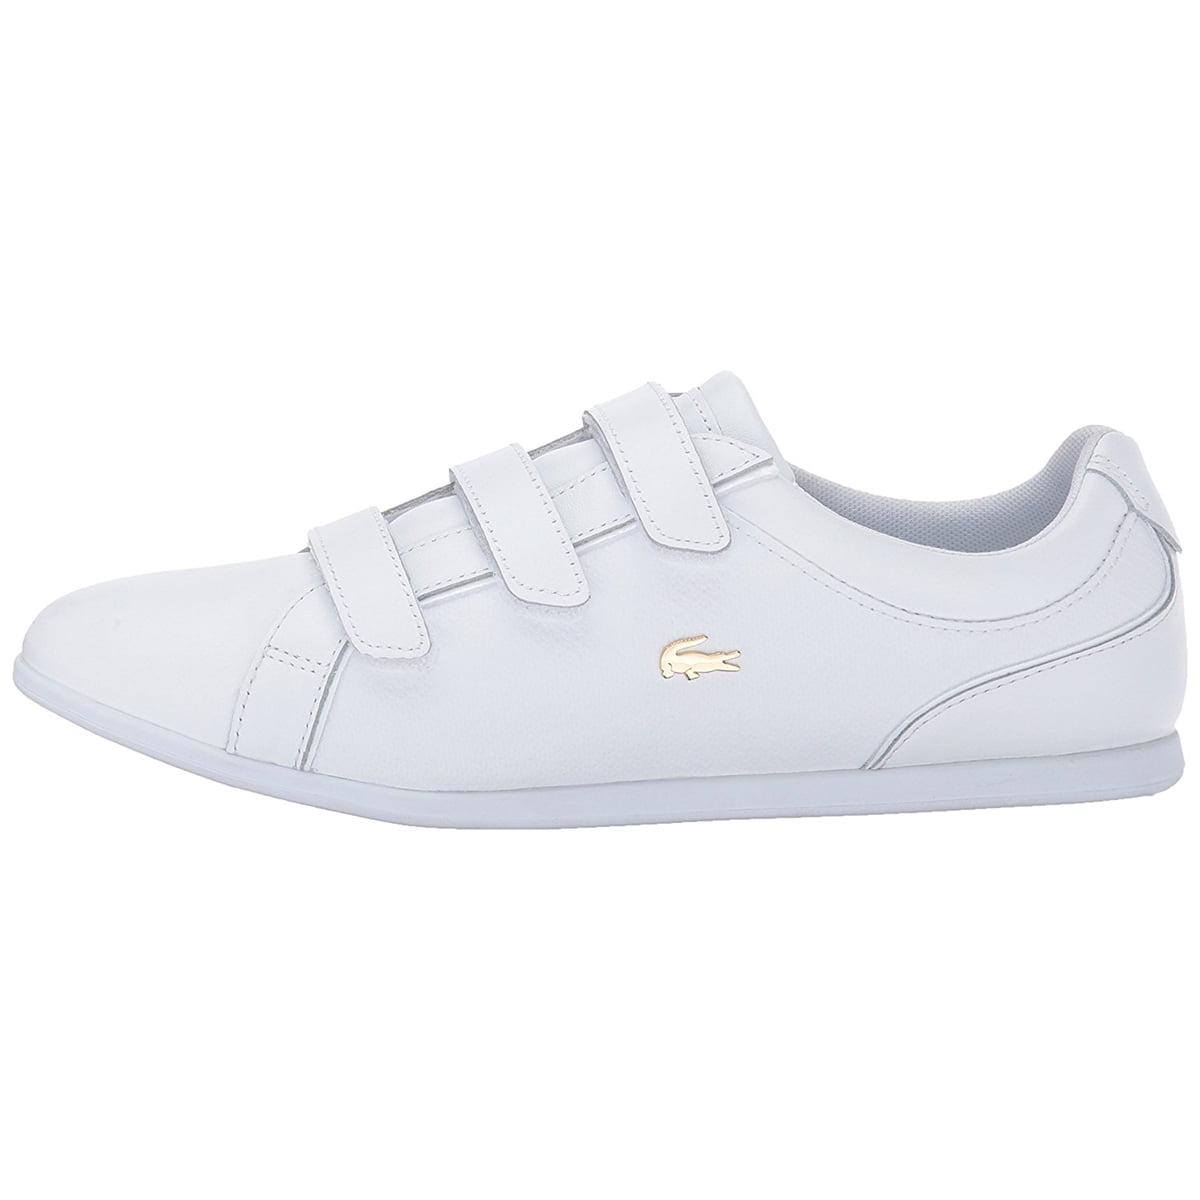 Lacoste Women 317 Rey Strap 317 Women Caw Fashion Sneakers 5ecb25